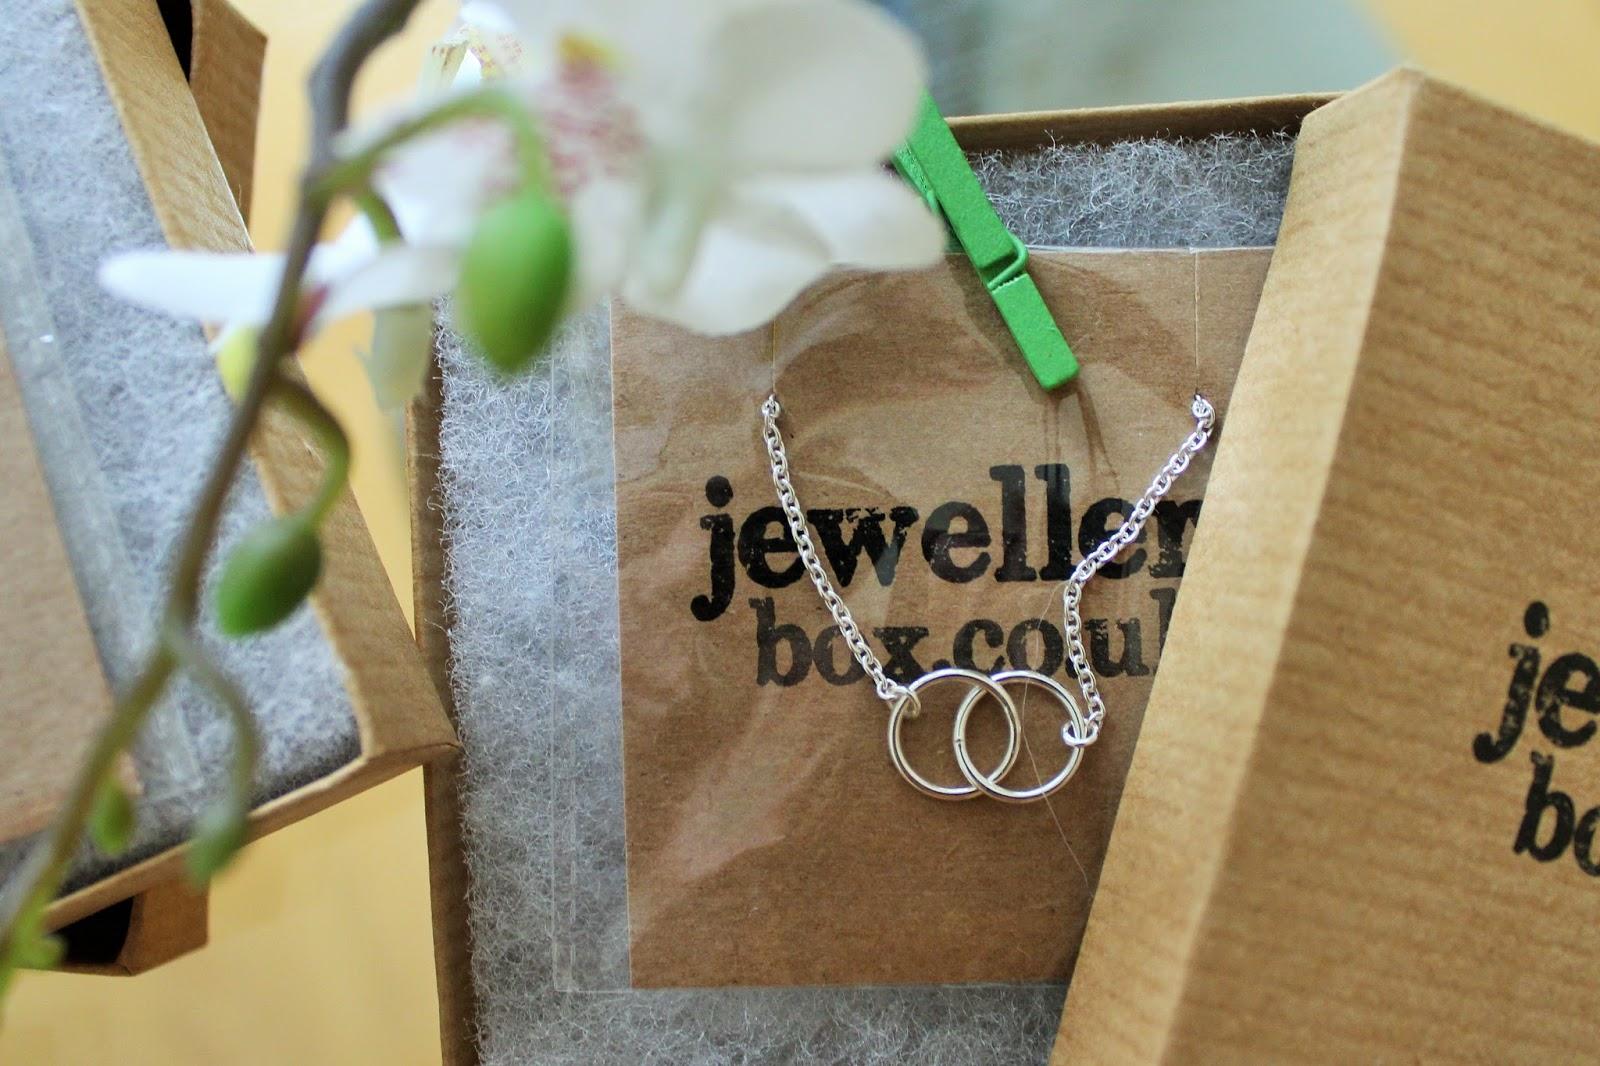 JewelleryBox.co.uk 5